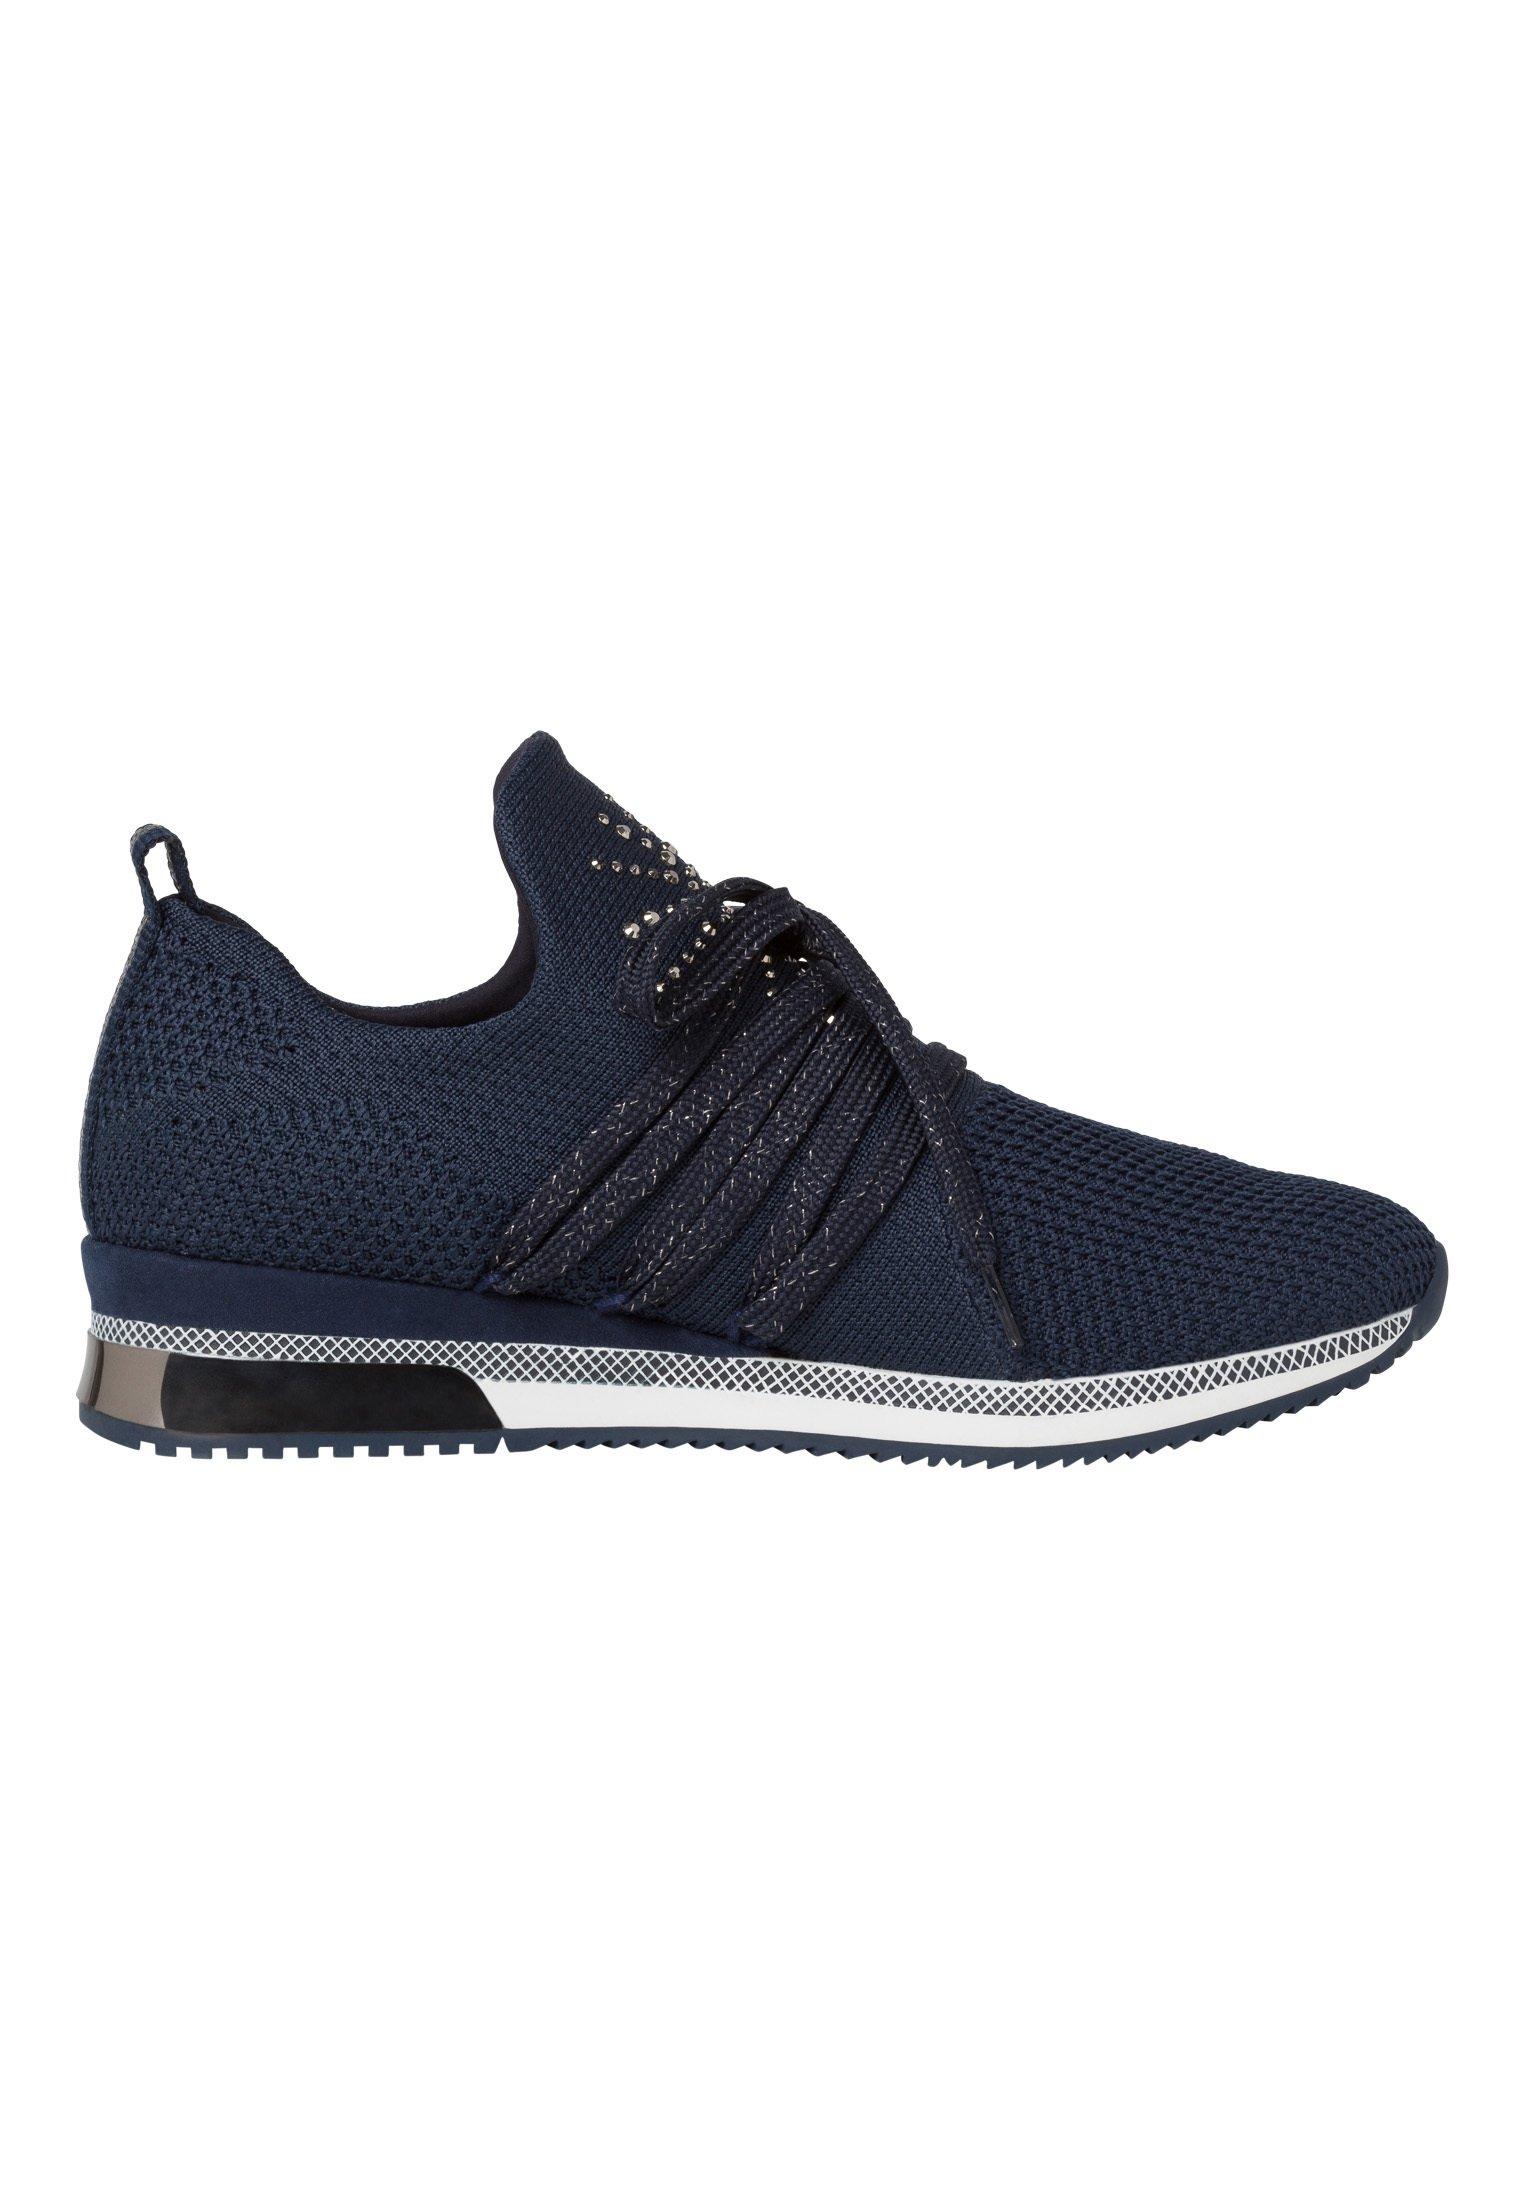 Marco Tozzi Sneaker - Sneakers Laag Navy Comb Goedkope Schoenen